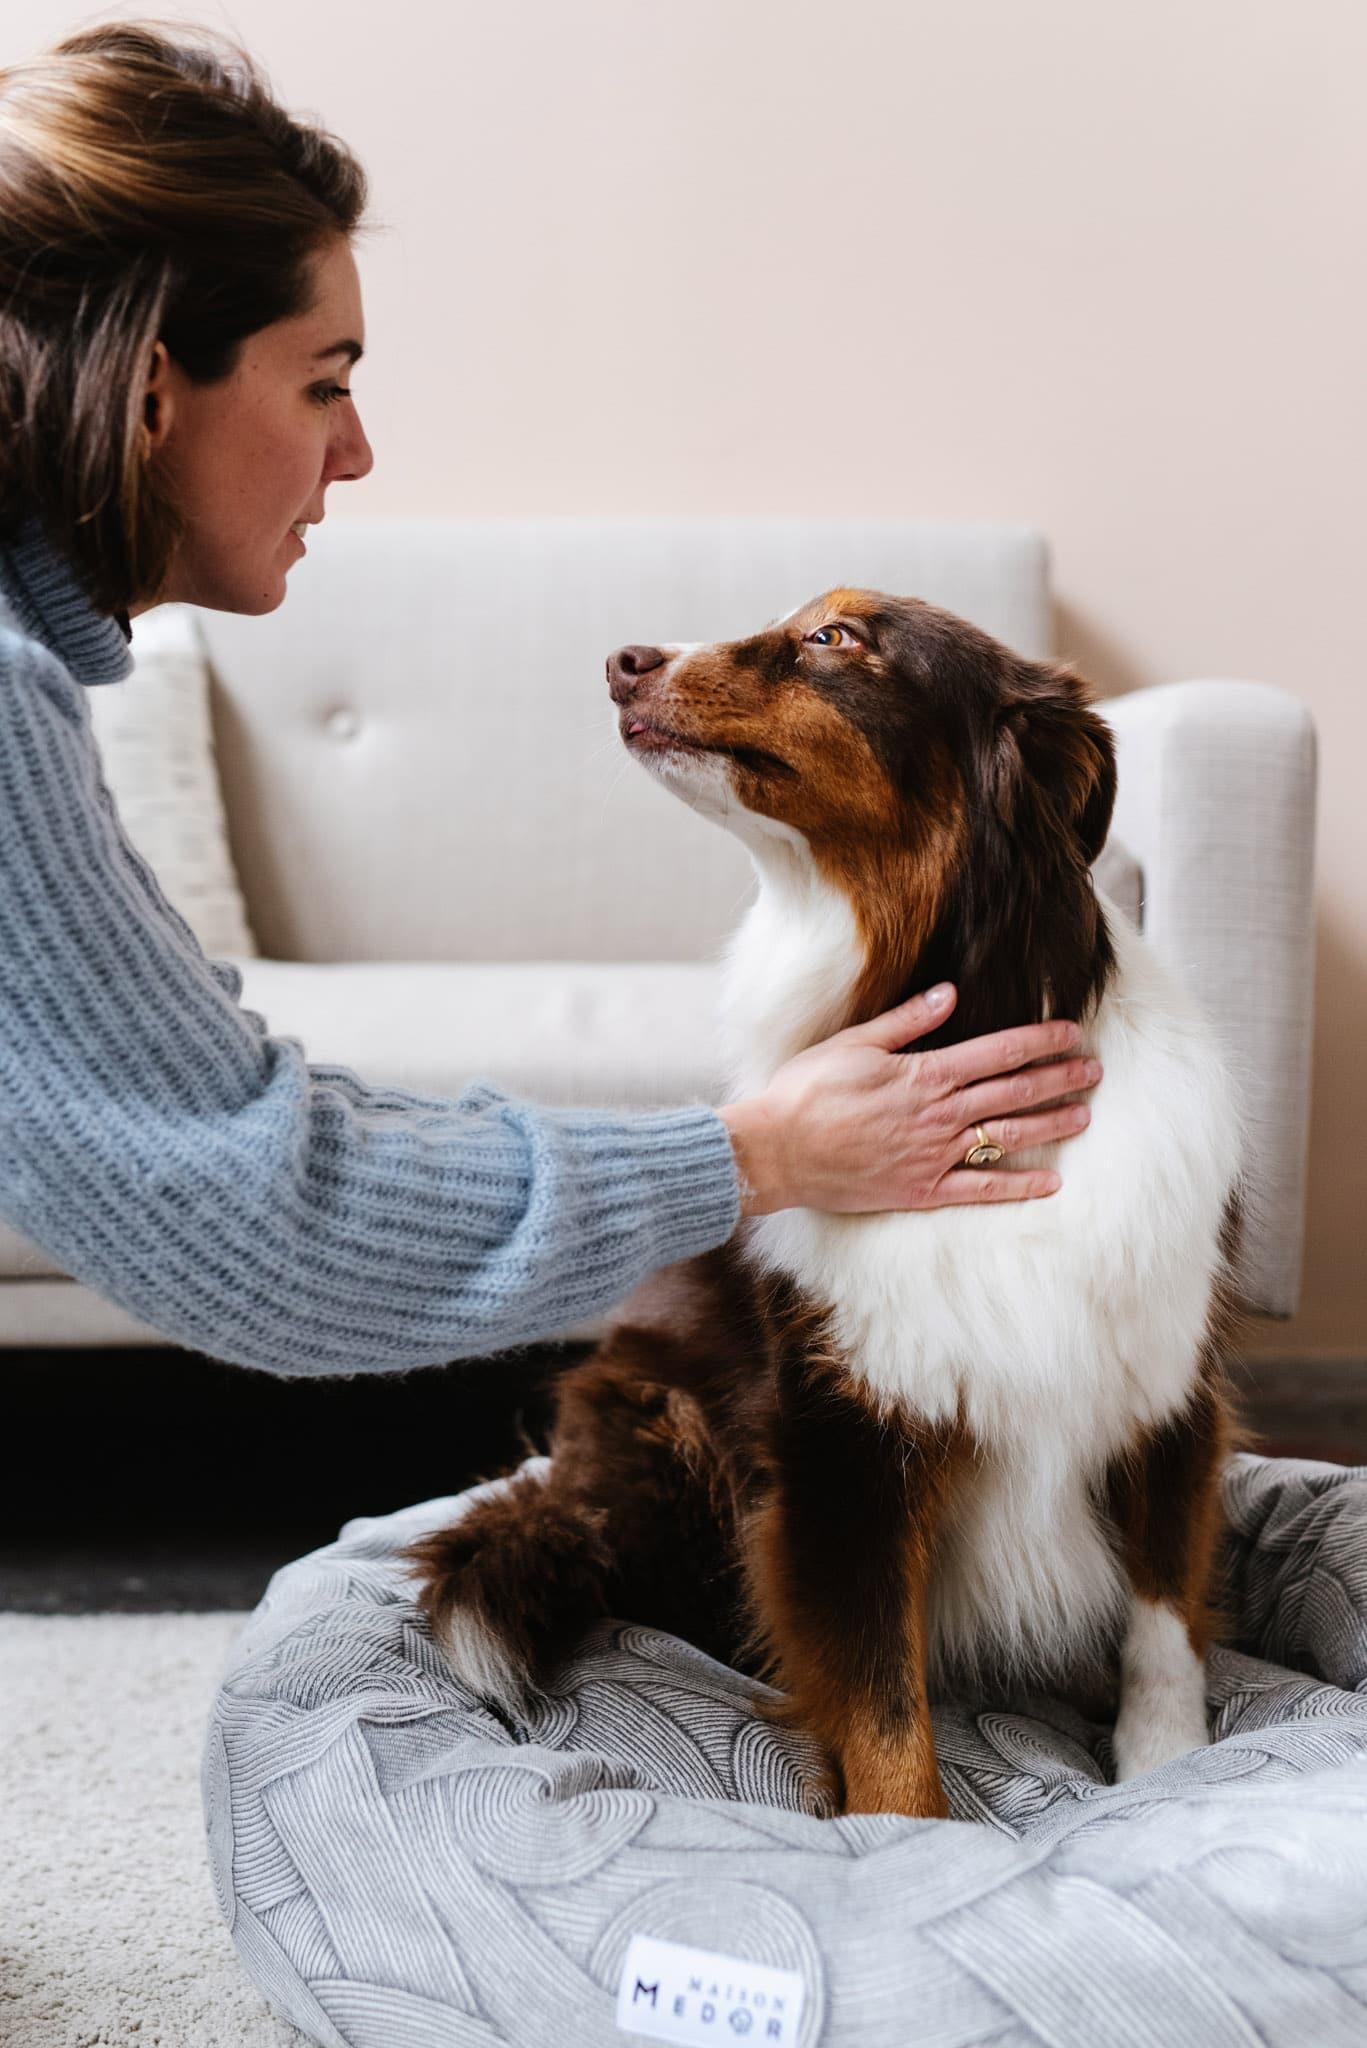 Margot Bott la fondatrice de Maison Medor, le specialiste des coussins et paniers pour chiens